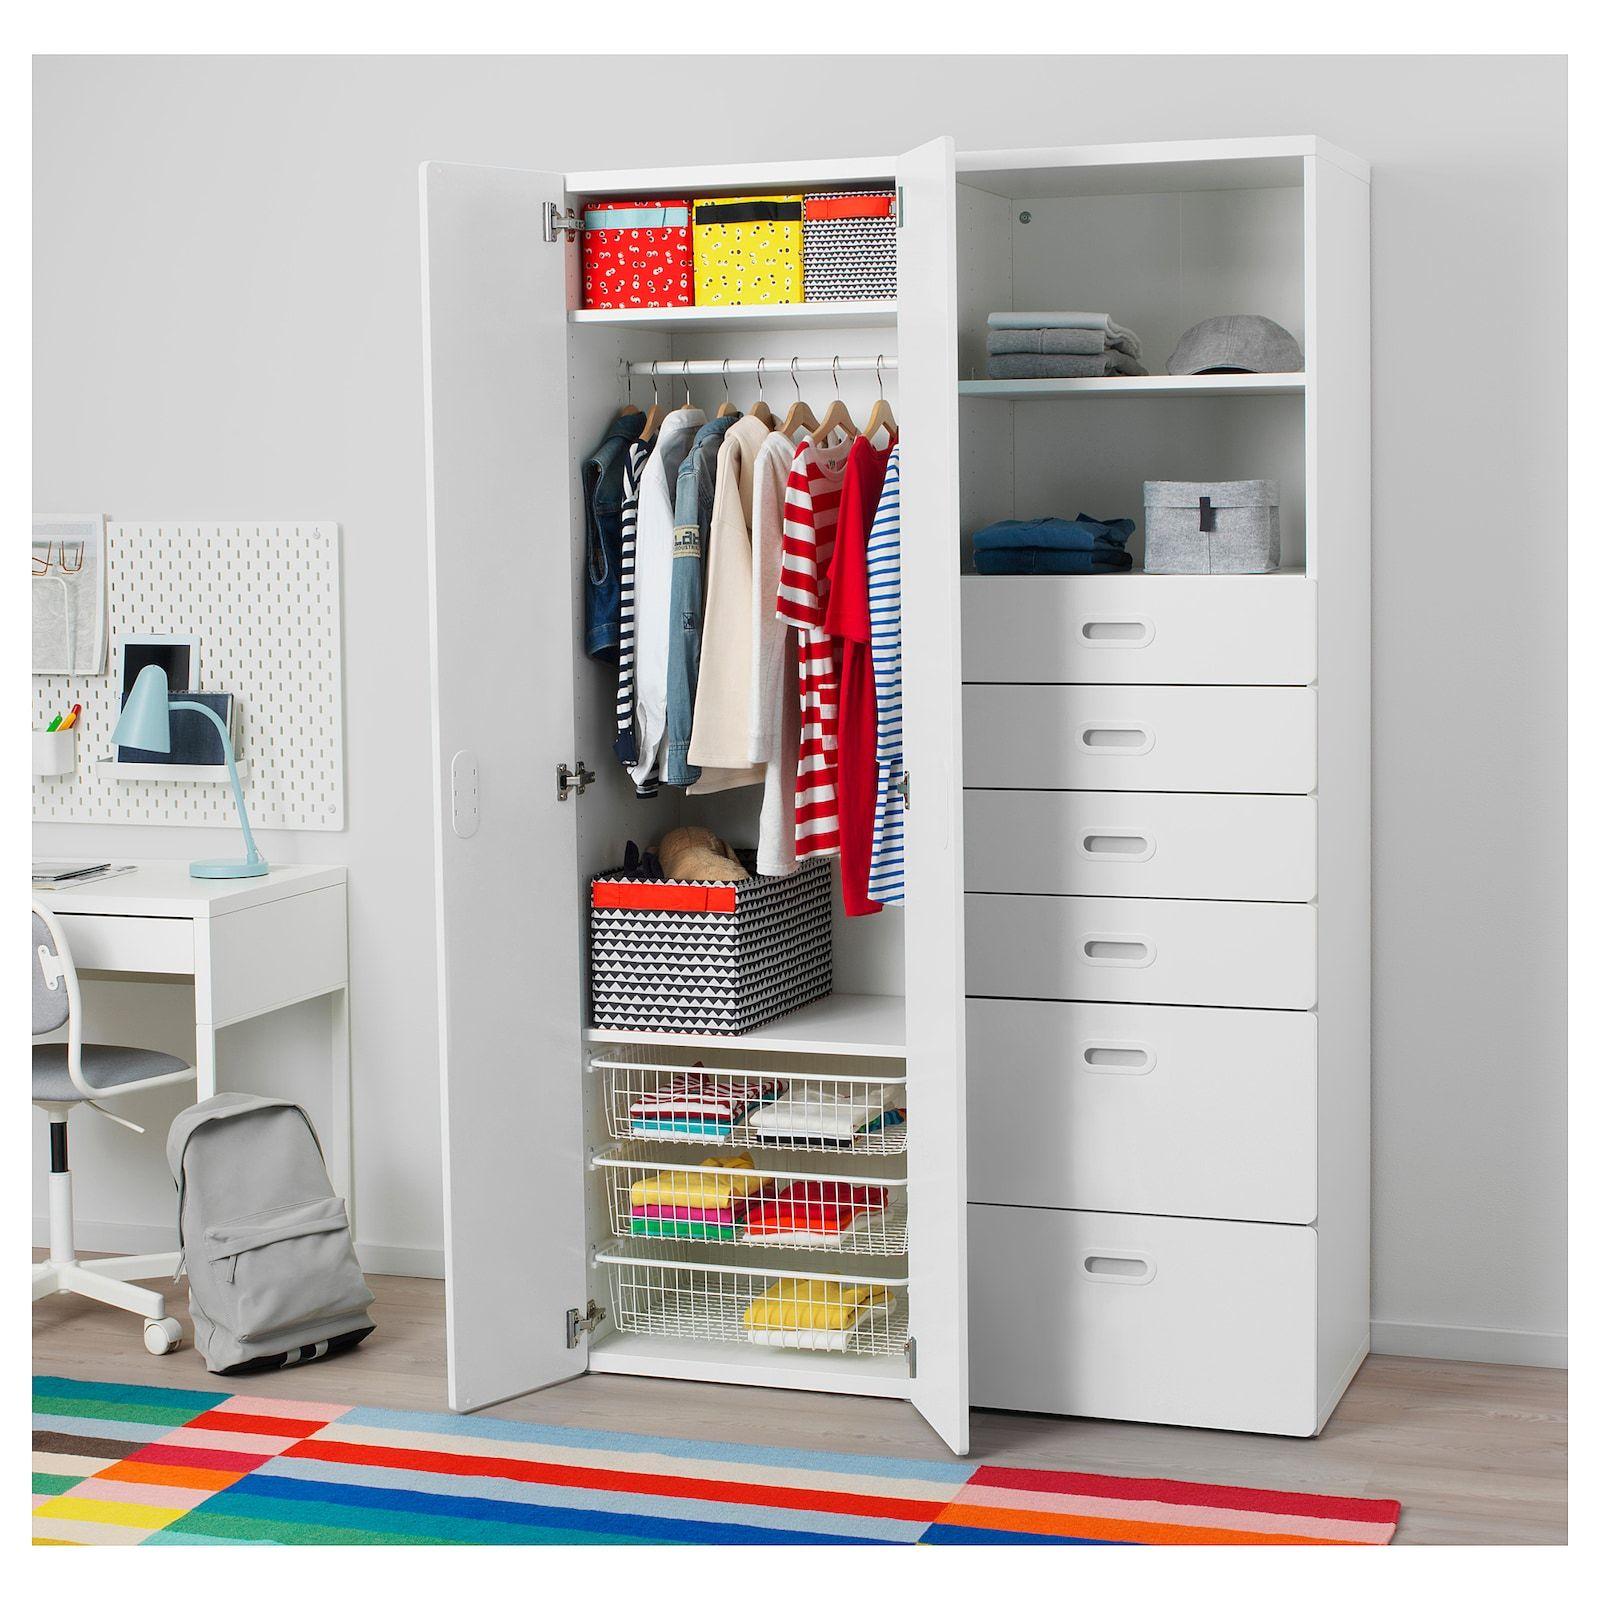 Stuva Fritids Armoire Blanc Blanc 120x50x192 Cm Armoire Penderie Stockage Ikea Et Placard Chambre Enfant